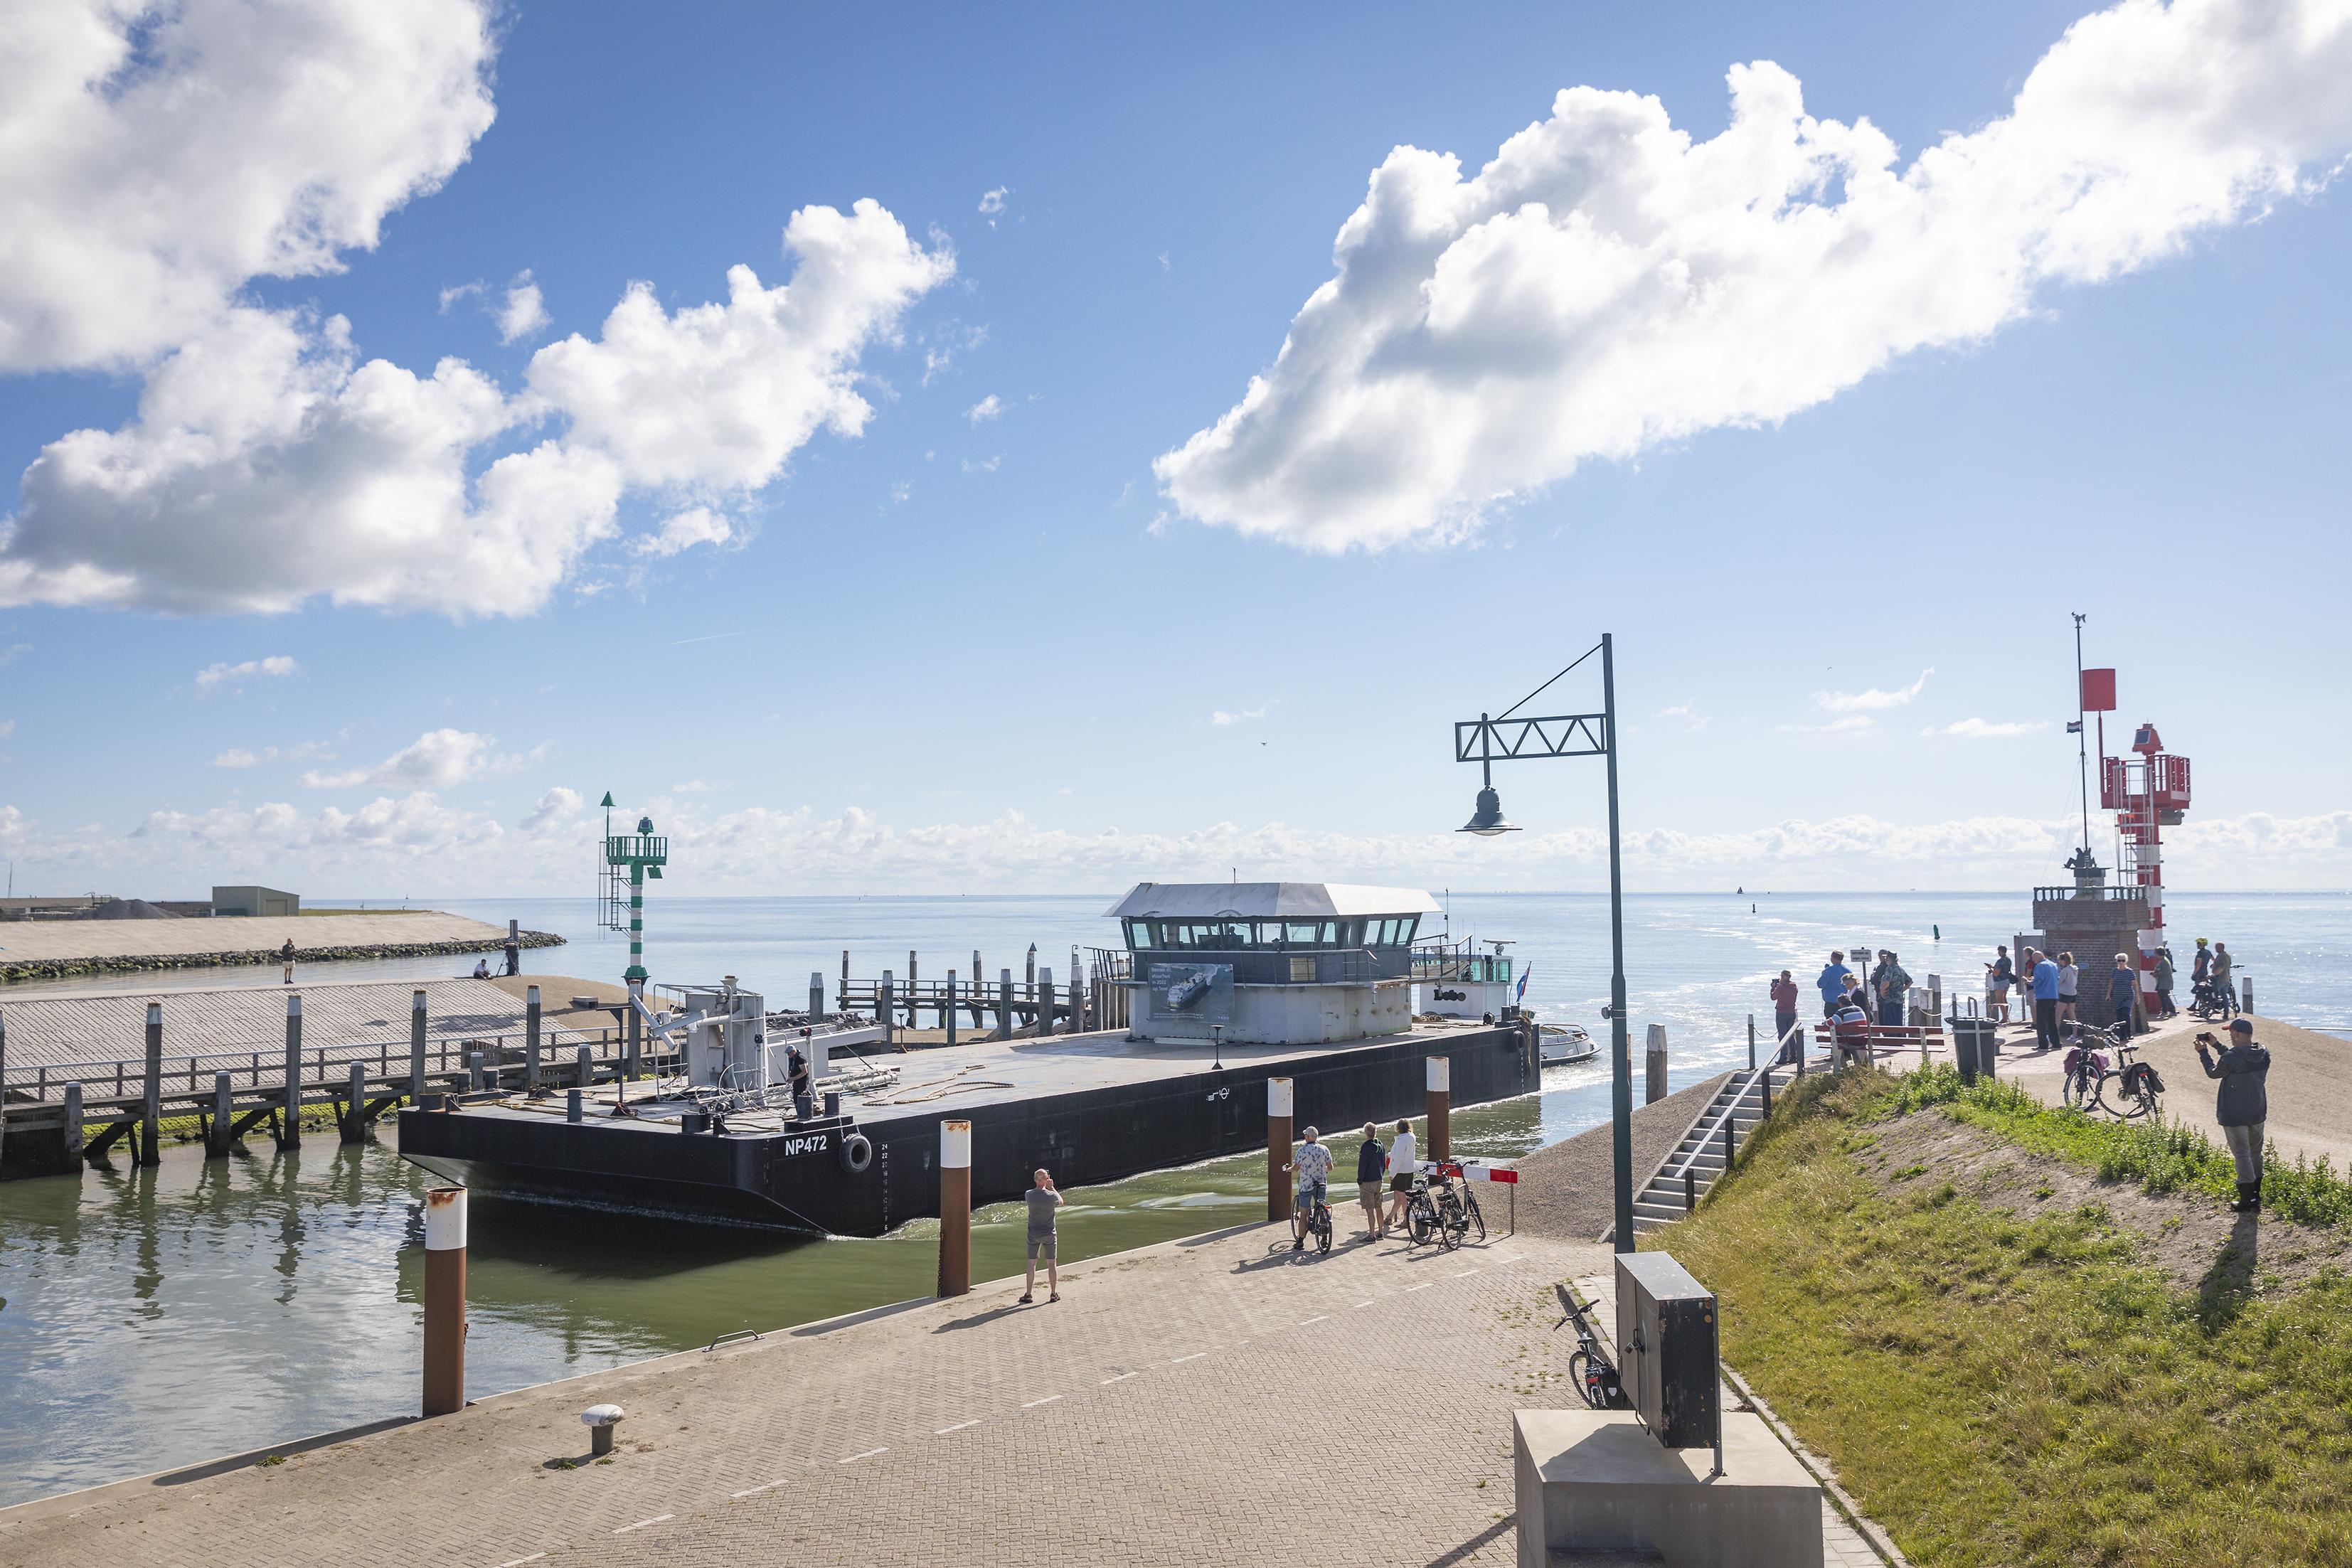 Stuurhuis voormalige veerboot Schulpengat is weer terug op Texel. Maandag volgt het laatste deel van de reis: van Oudeschild naar Flora